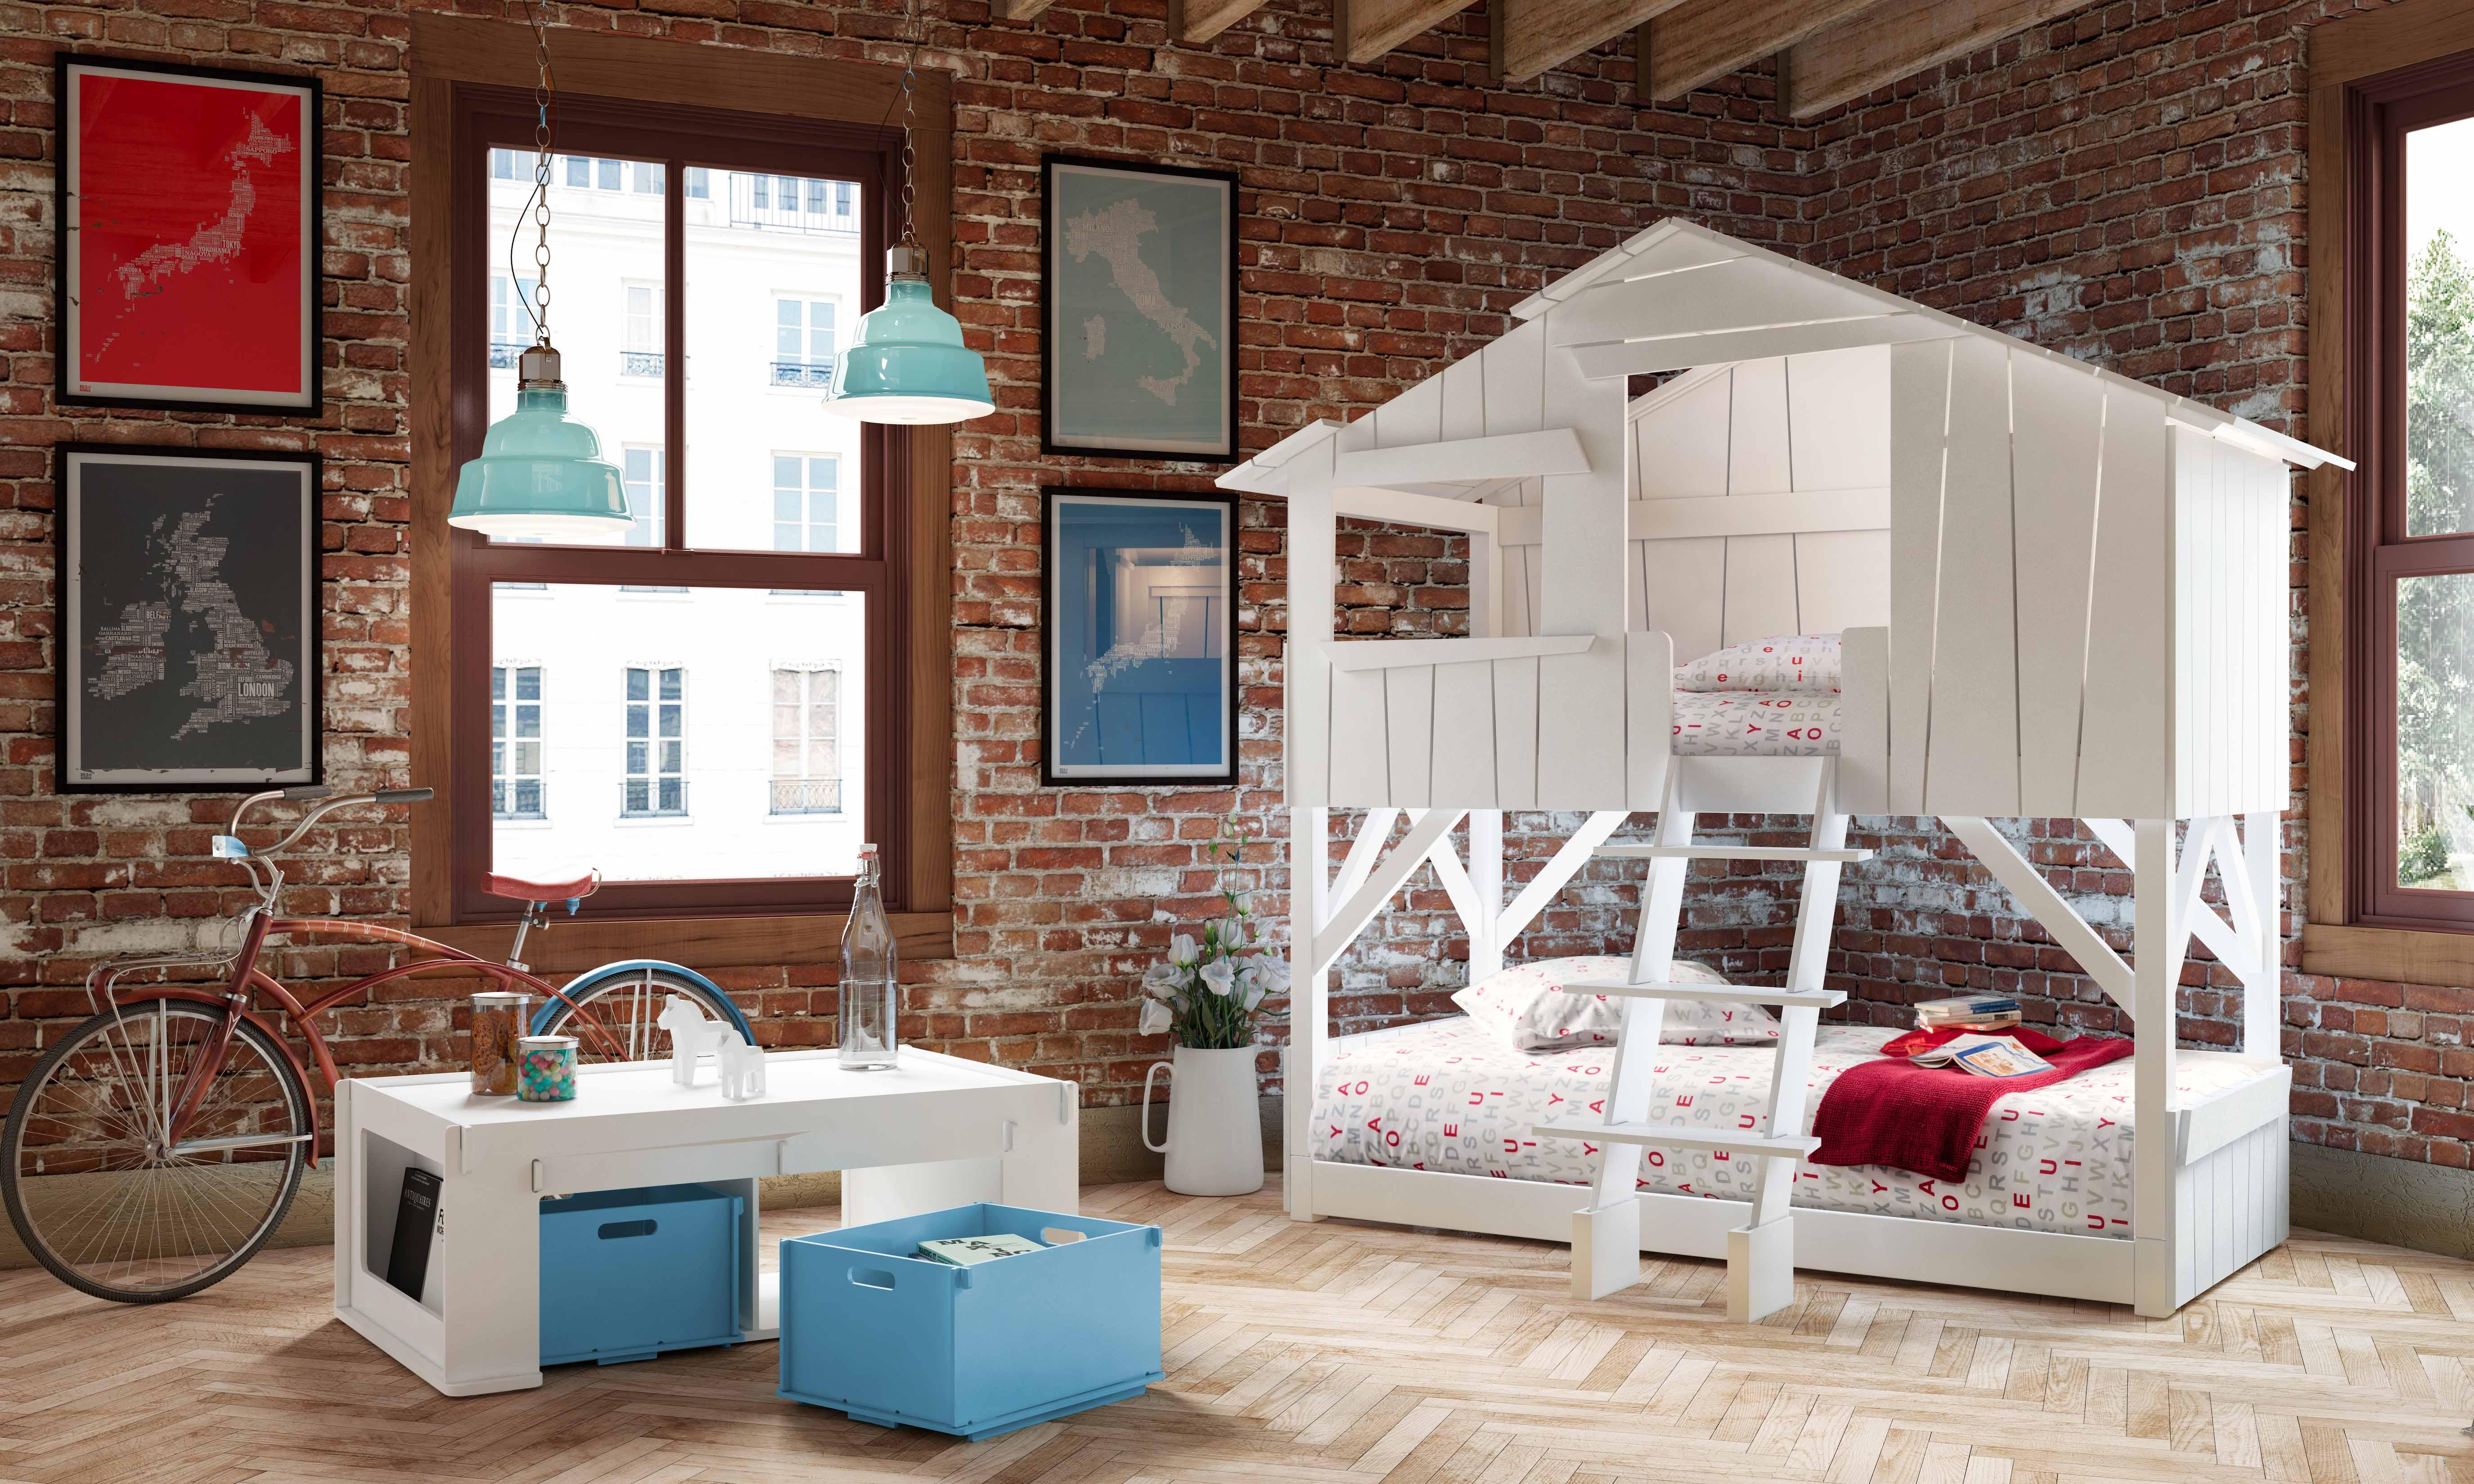 cabaña litera habitacion infantil - minimoi